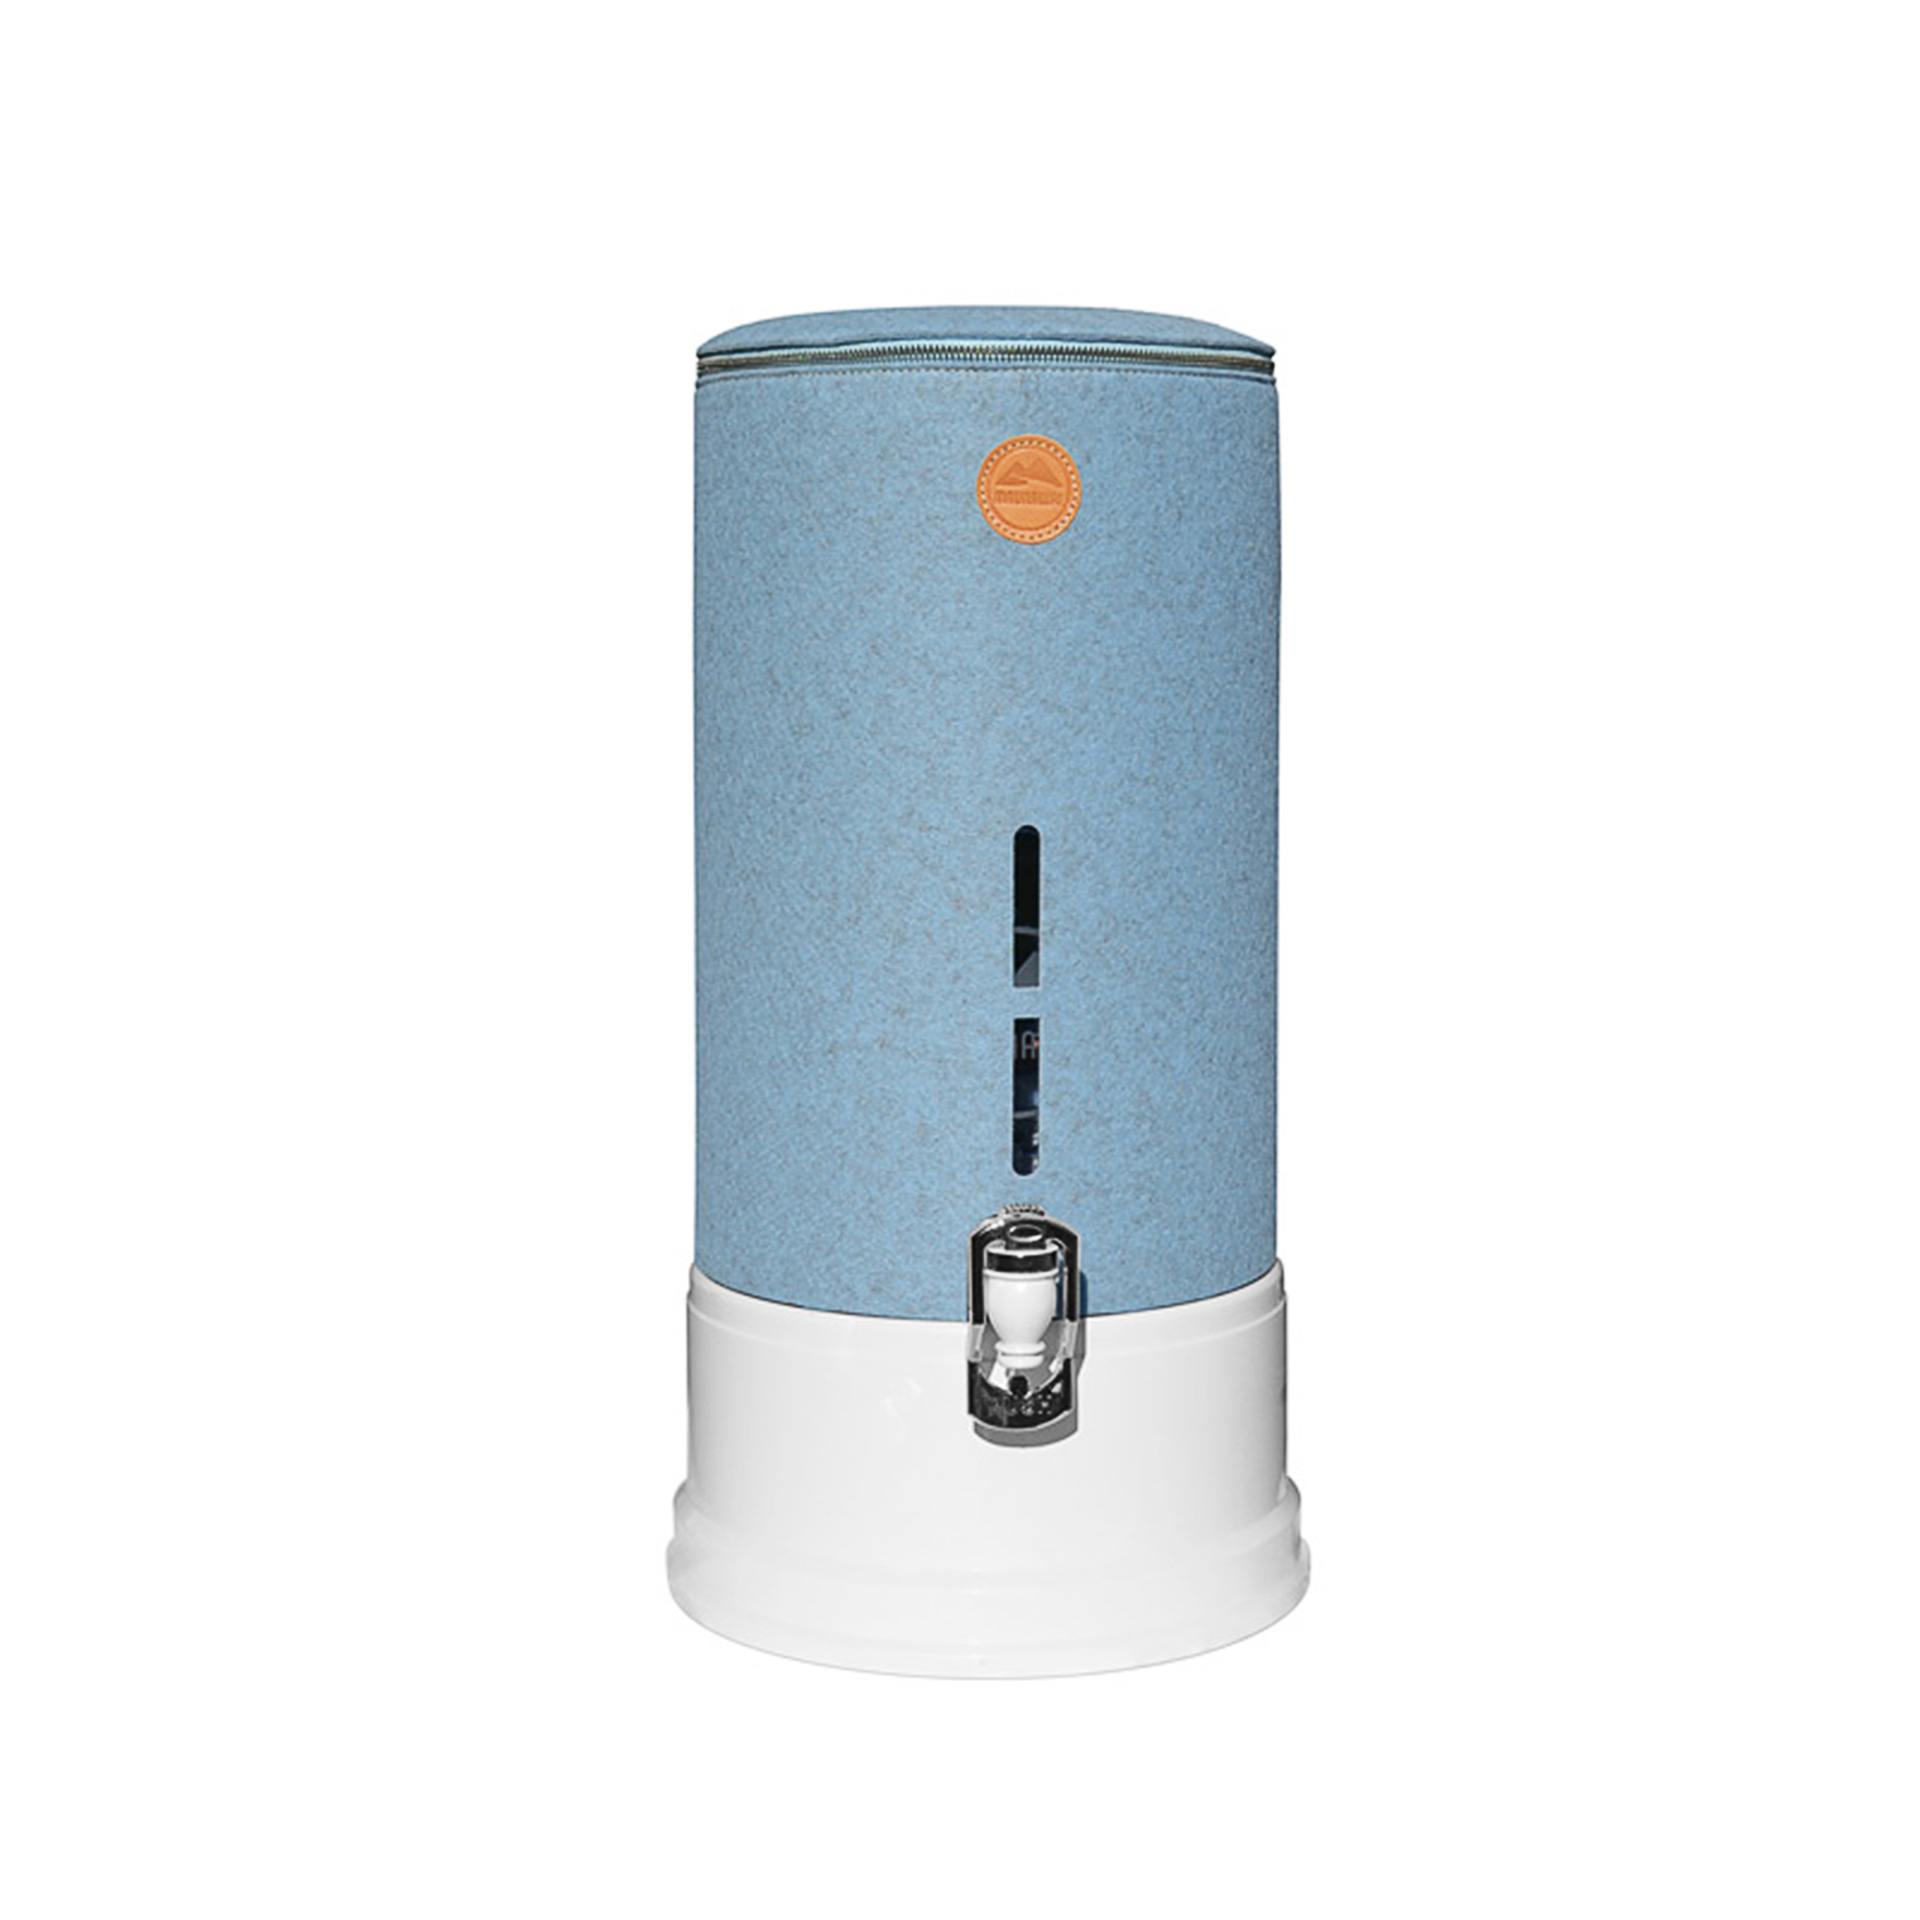 Maunawai PI PRIME Quelle Schutzhülle blau auf dem Wasserfilter - Hinweis: Maunawai Wasserfilter ist nicht im Preis enthalten